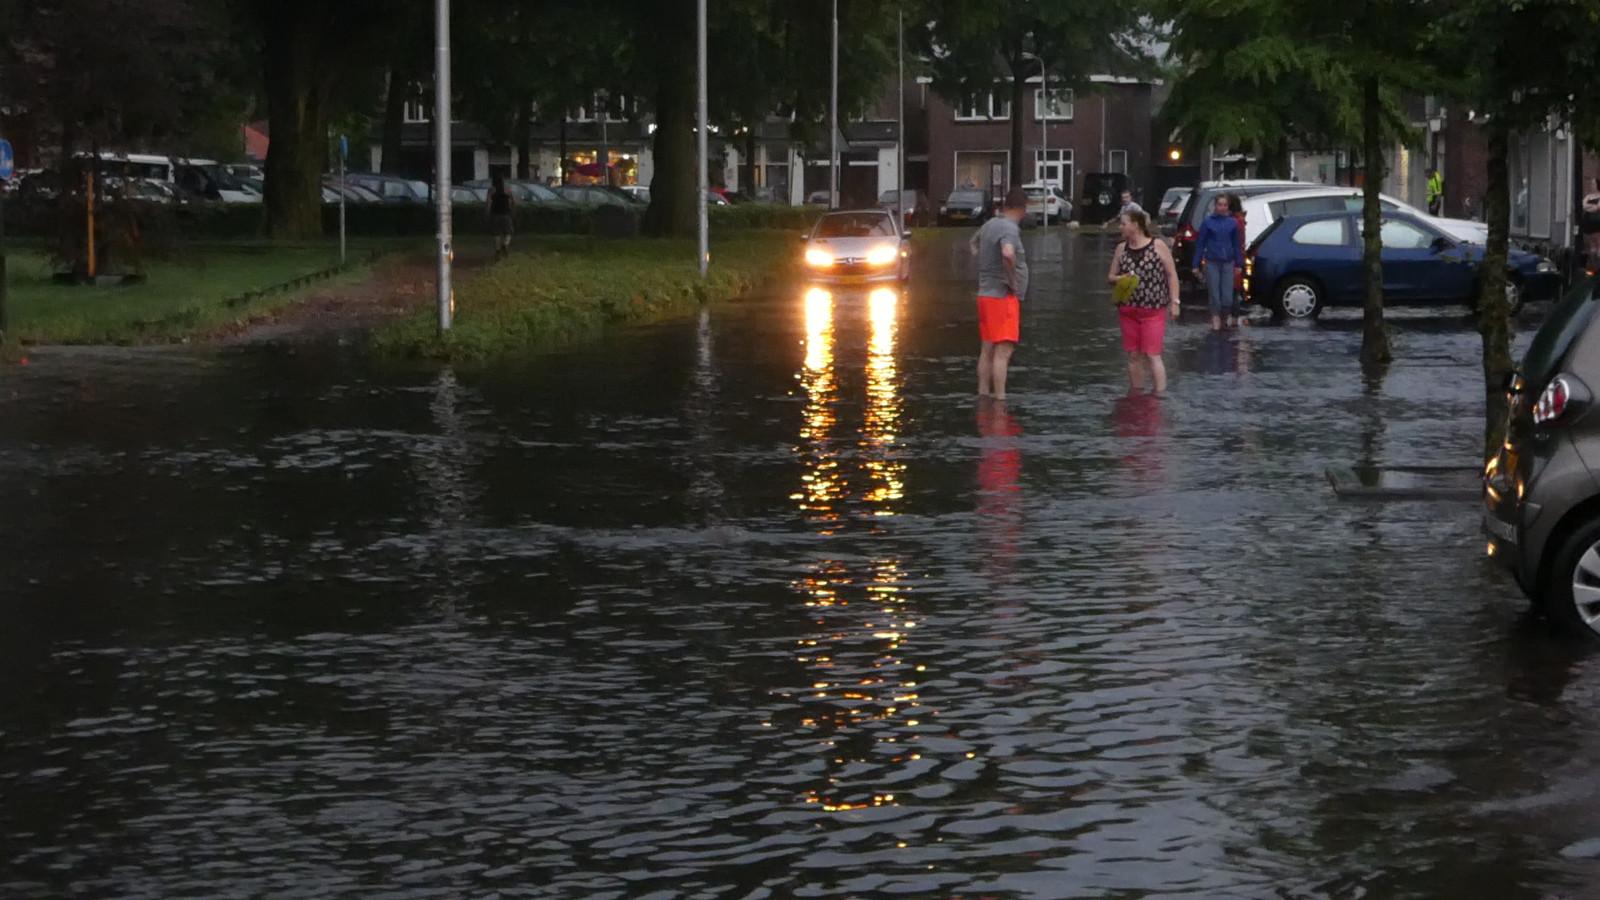 Wateroverlast in de Kromstraat in Oss.